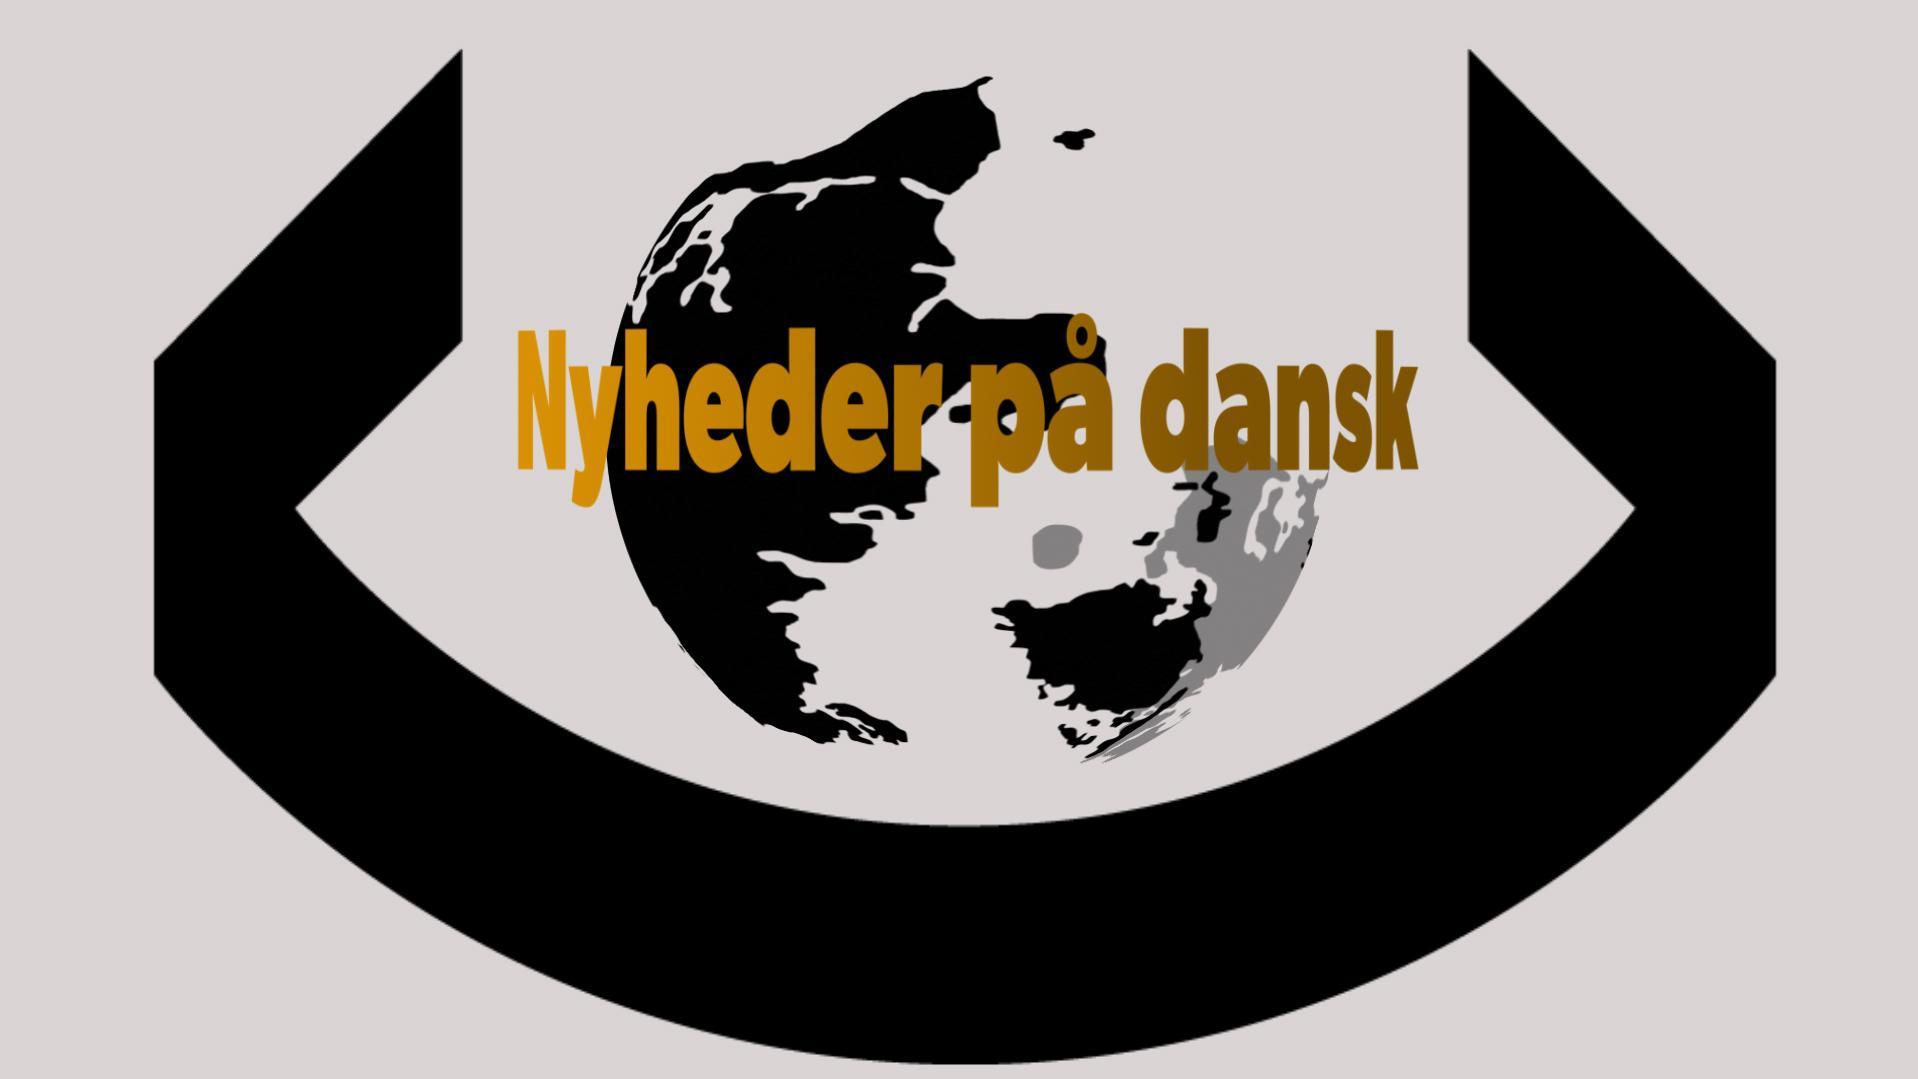 nyhederpaadansk_logo_f194fe46.jpg